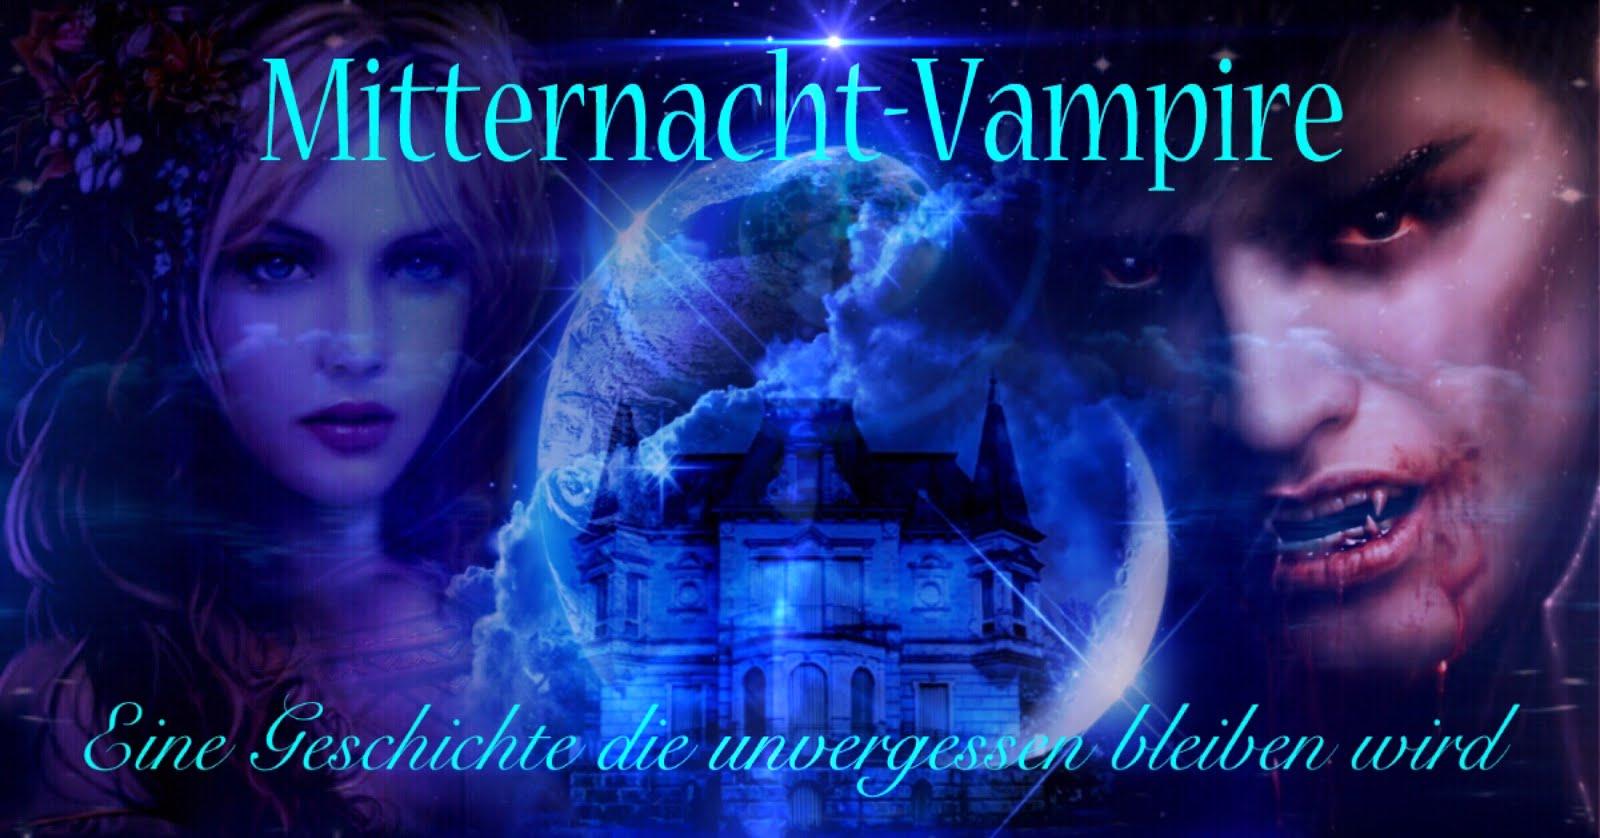 Mitternacht-Vampire - Buchblog zur Romanreihe Blut um Mitternacht